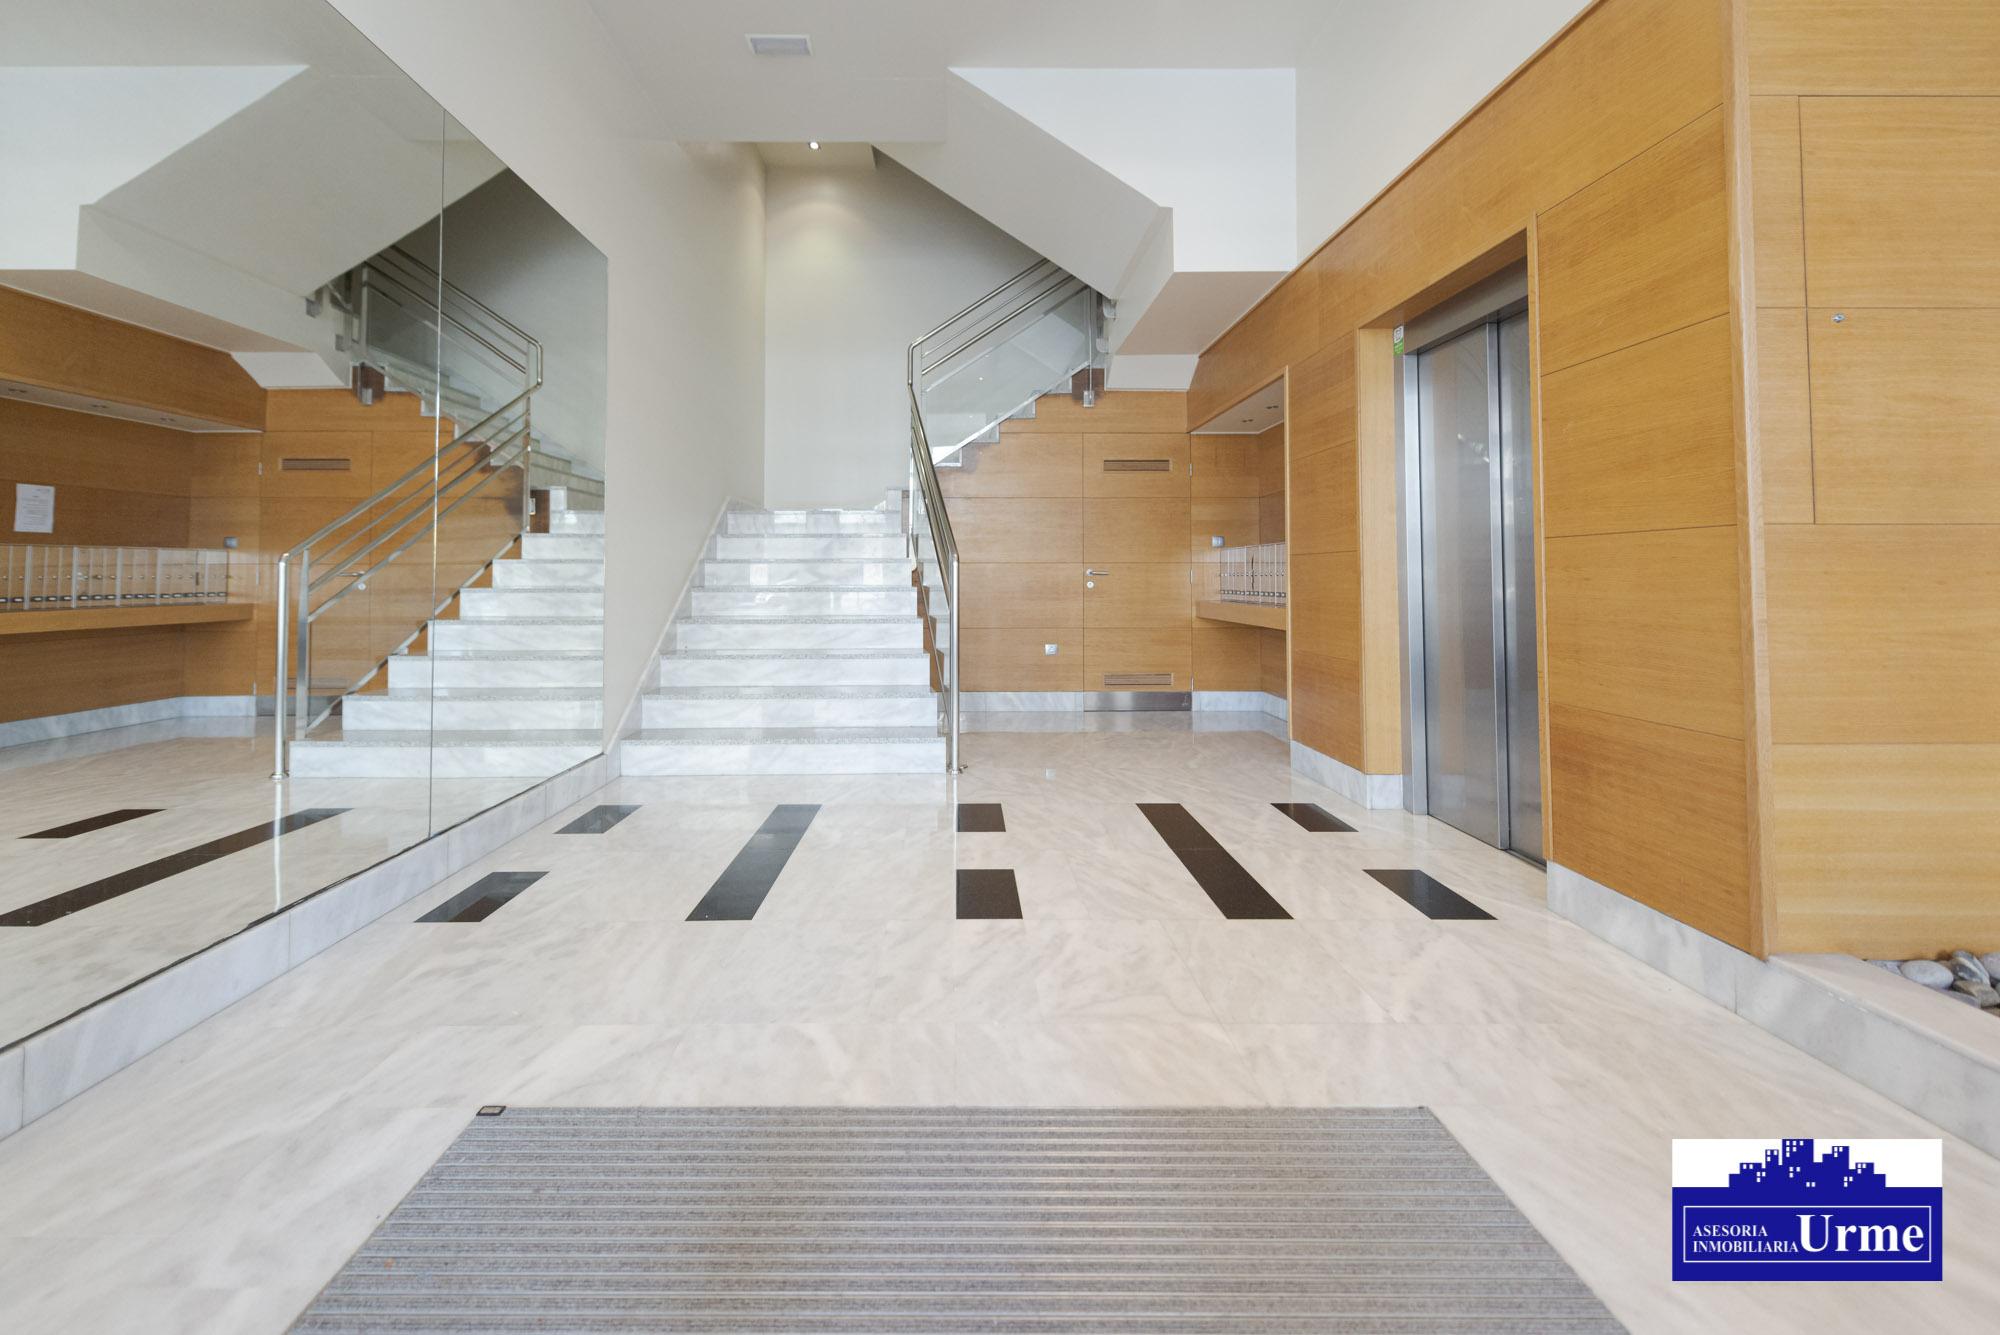 En Donostia!! Riveras de Loiola, Ultima planta, vistas despejadisimas, amplias terrazas, 3 dormitorios, salon,cocina y dos baños.Garaje en el edificio.Impresionante!!I!!!!!